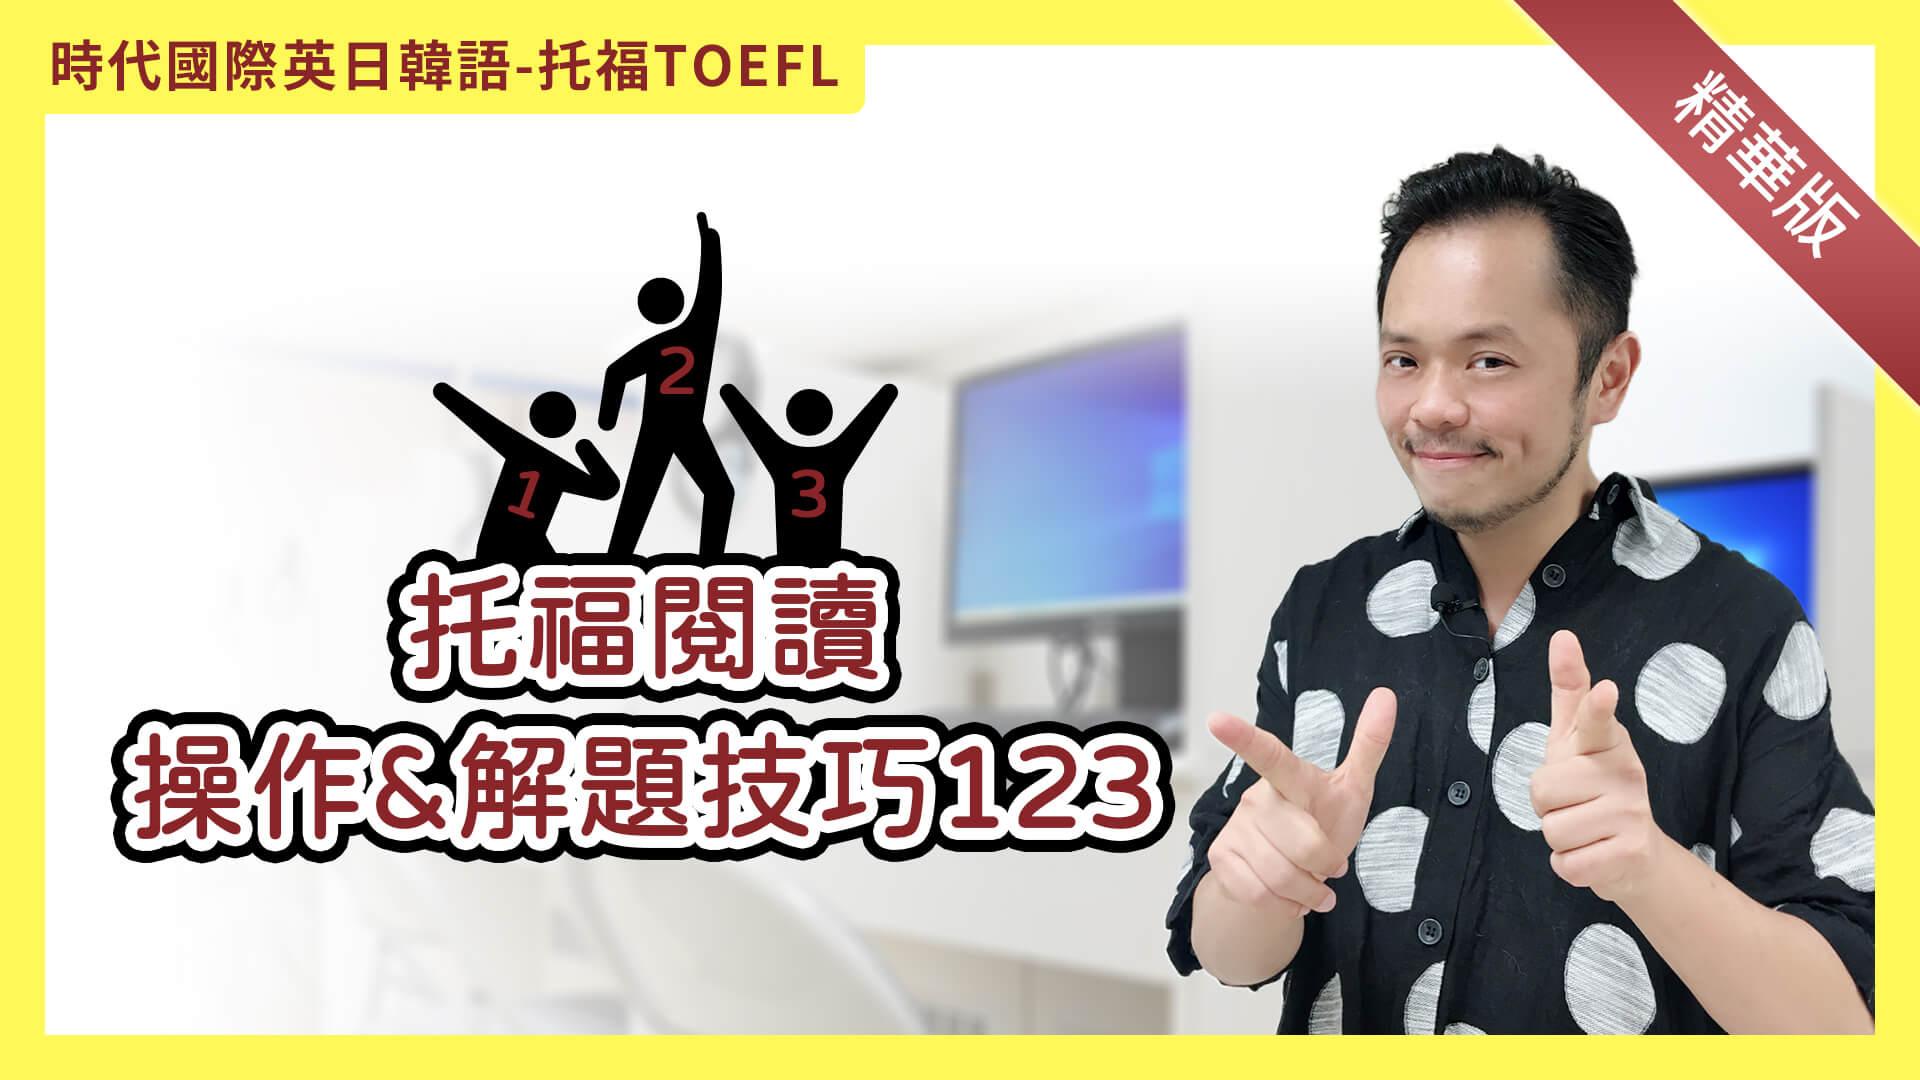 TOEFL托福閱讀操作&解題123